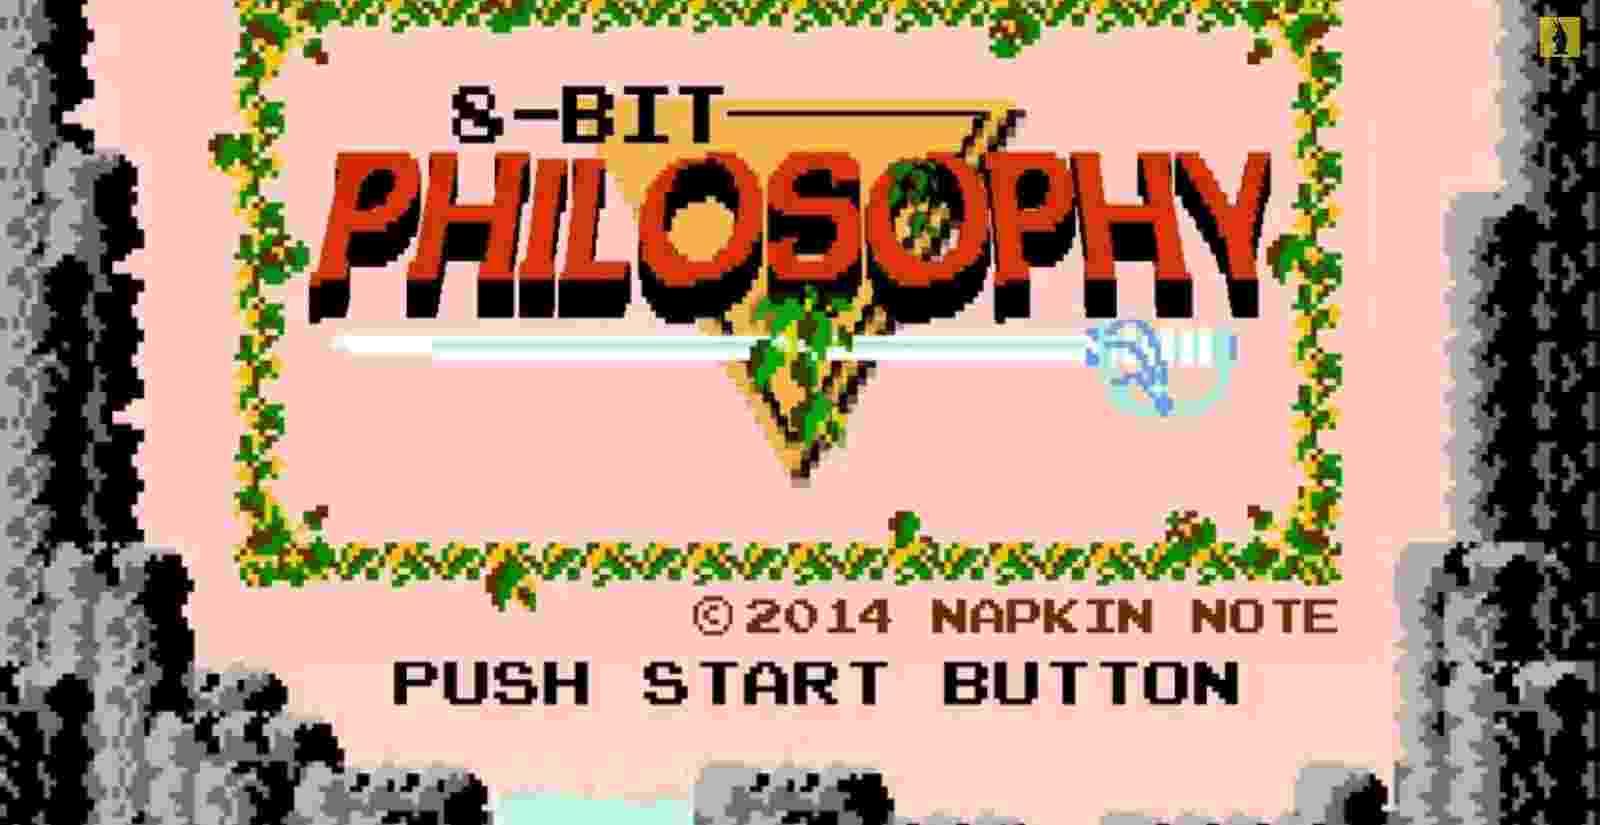 """As animações da série 8-Bit Philosophy, disponíveis no YouTube, usam games clássicos para ensinar filosofia. O primeiro episódio usa gráficos de """"The Legend of Zelda"""" para explicar a alegoria da caverna, de Platão - Reprodução/YouTube"""